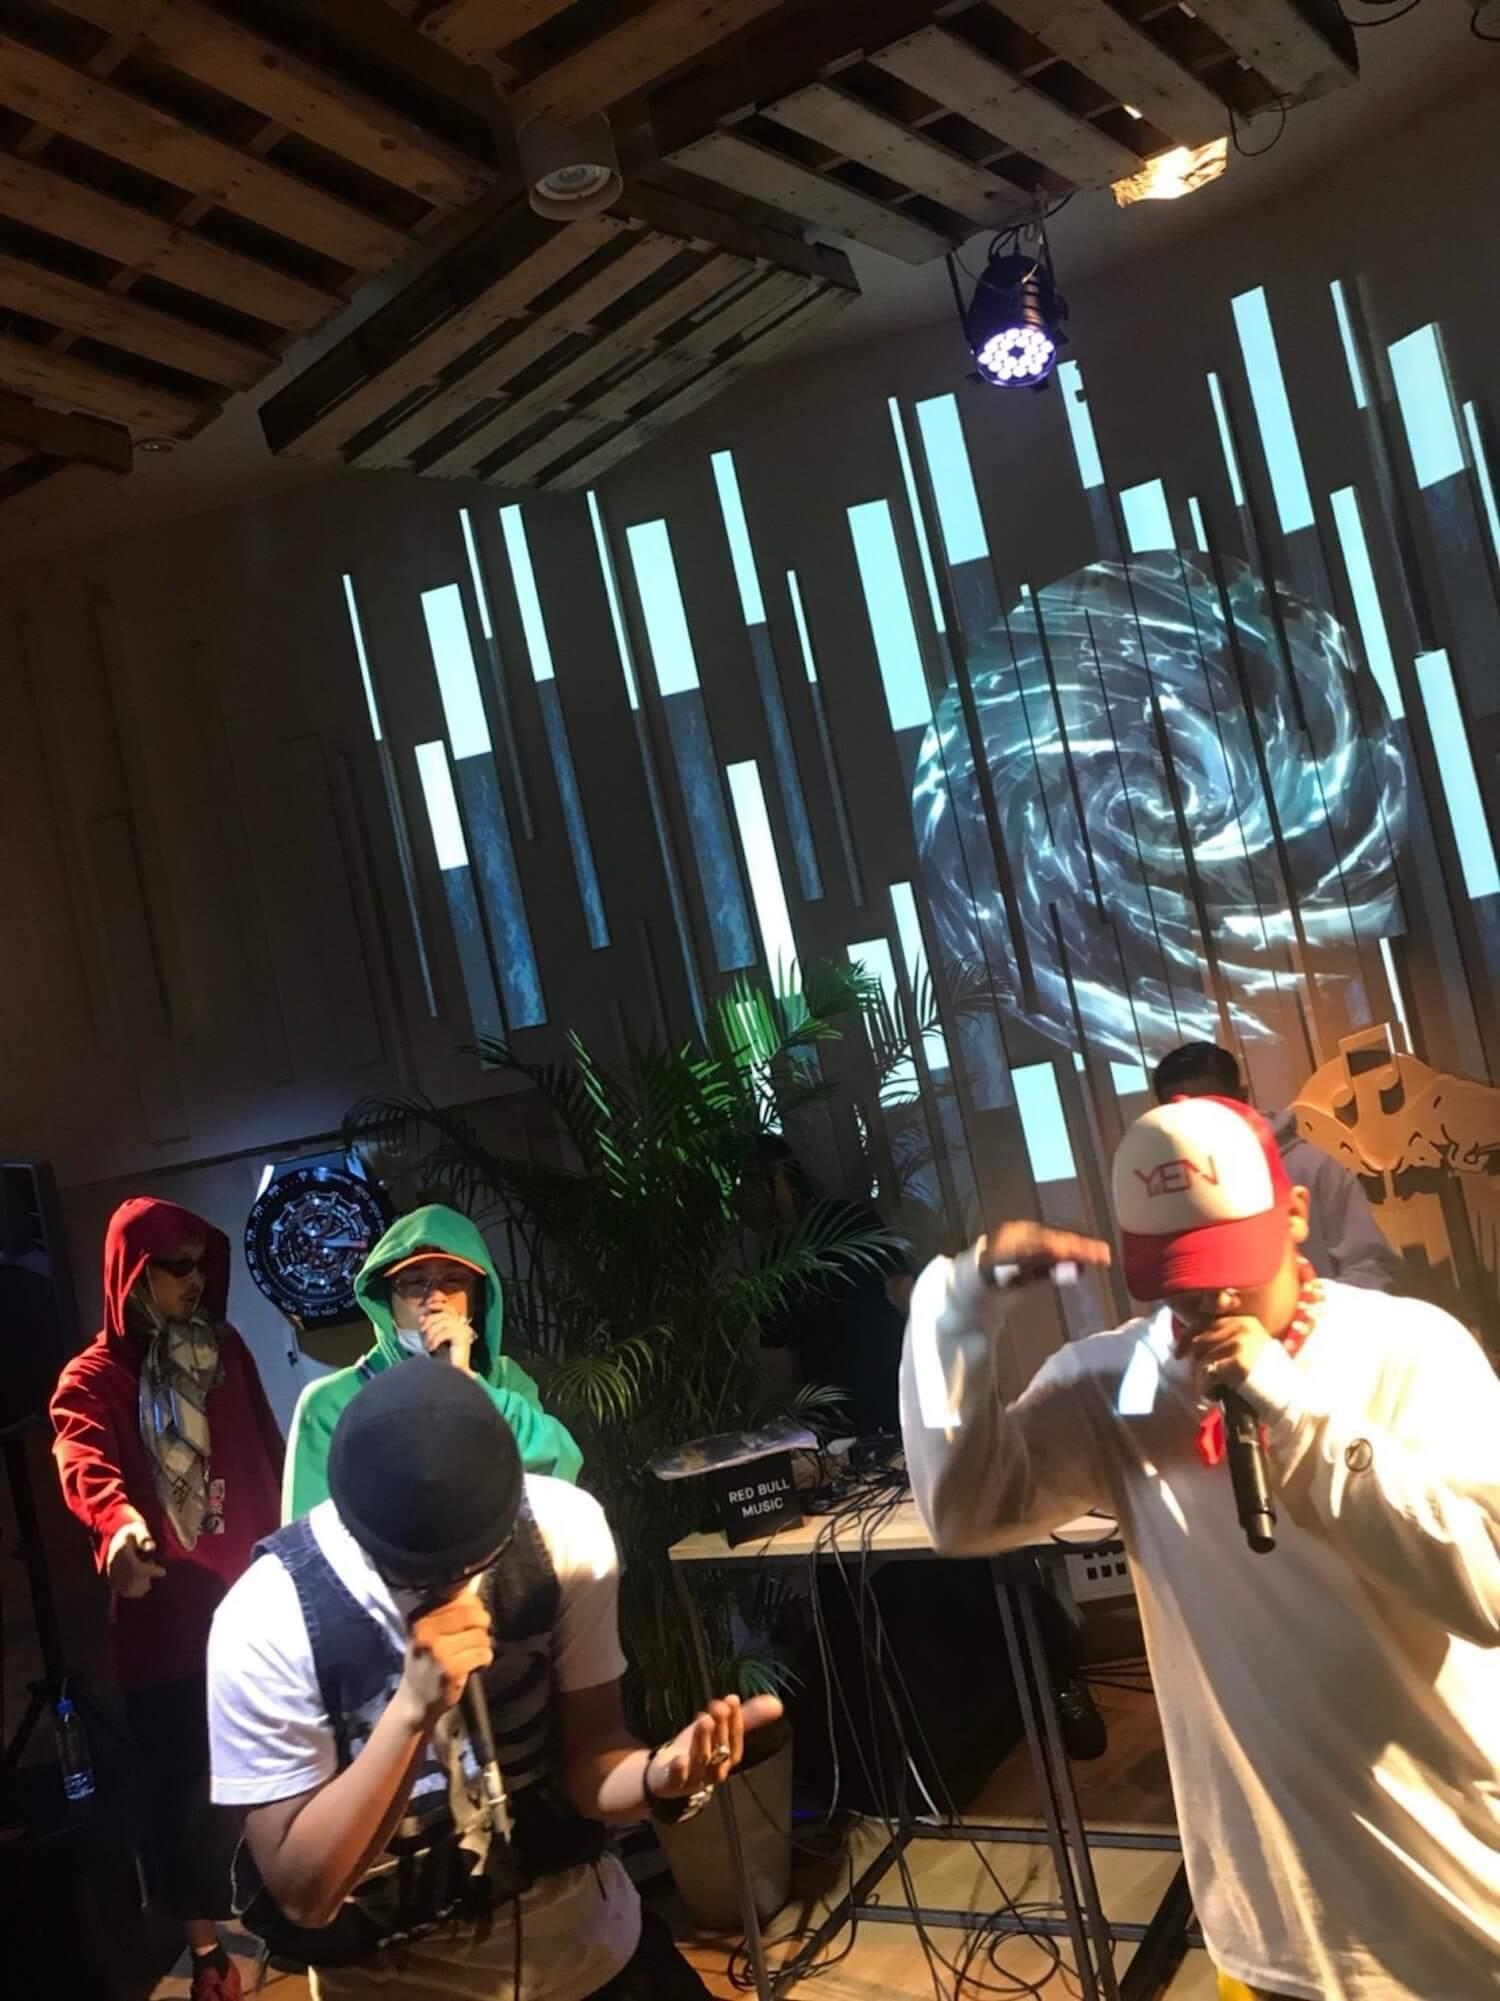 【フォトレポ】RED BULL MUSIC FESTIVAL TOKYO 2018|「Plug」by YENTOWN red-bull-music-festival-tokyo-2018-plug-yentown-14